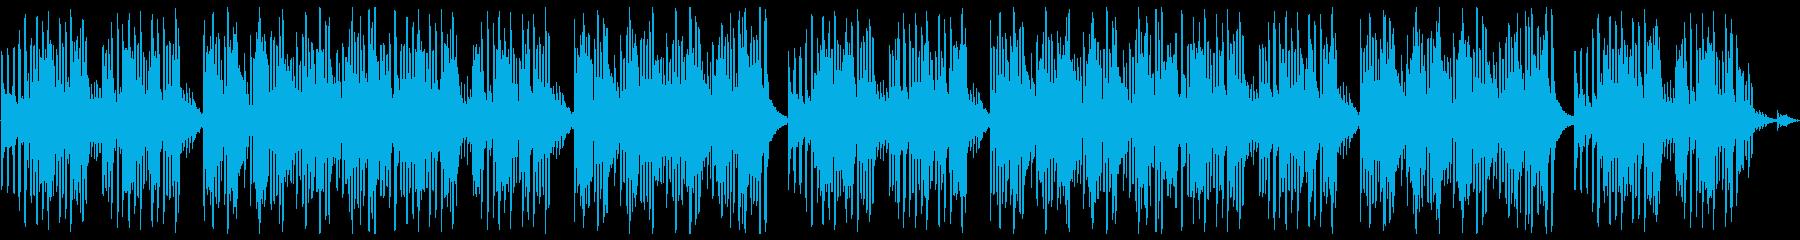 キュートでほのぼのした楽曲A:編集2の再生済みの波形